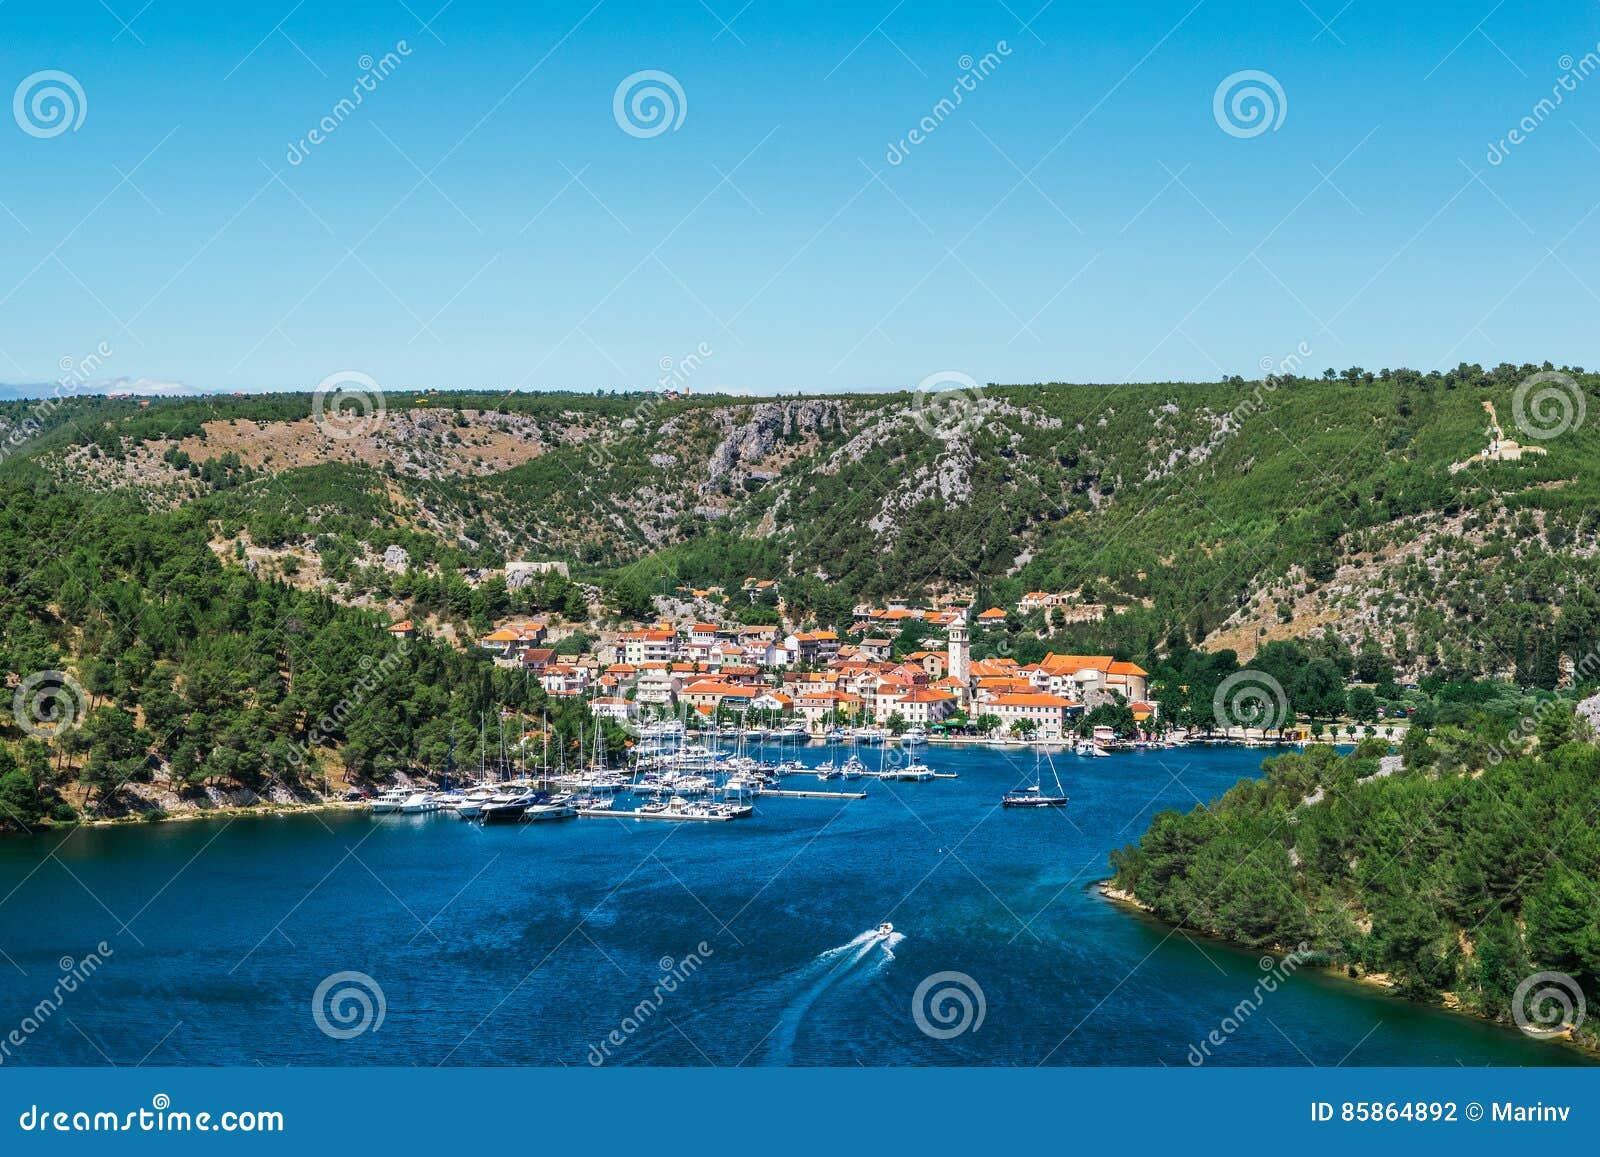 La ciudad de Skradin en el río de Krka en Dalmacia, Croacia vio de distancia